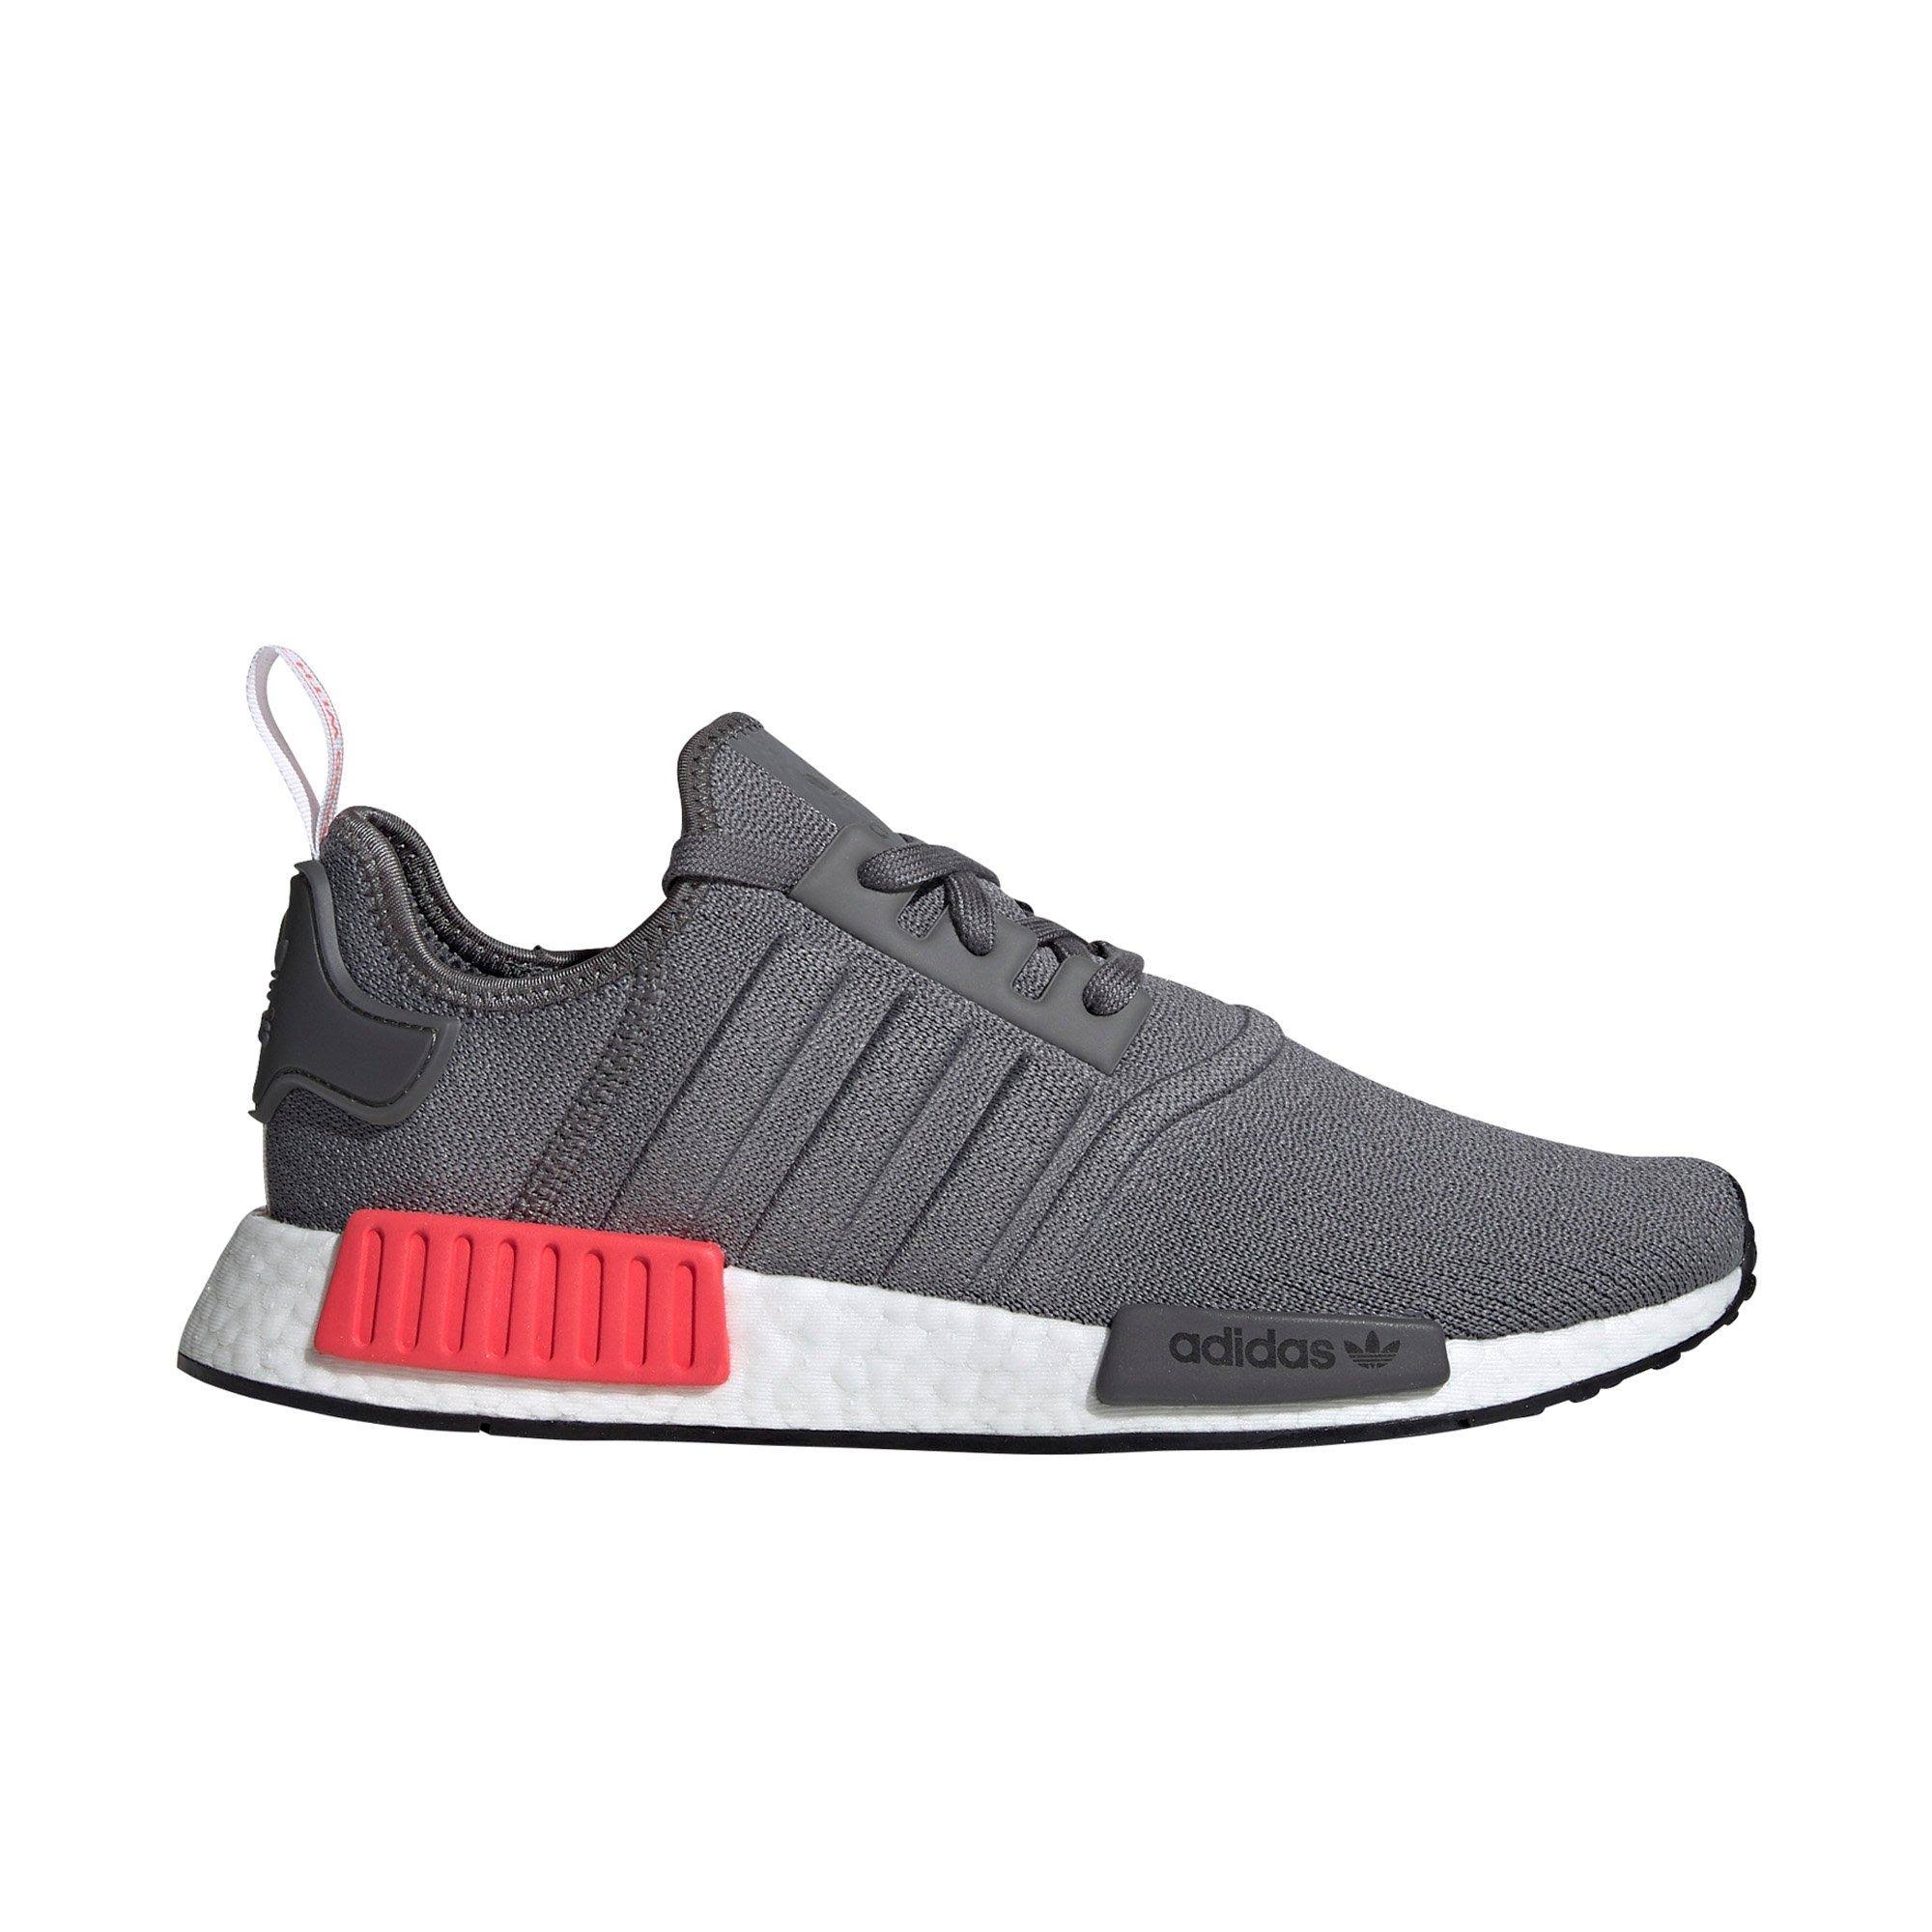 taglia 5 da Adidas Nmd grigio 9 R1 in Scarpe uomo qGUVpSzM